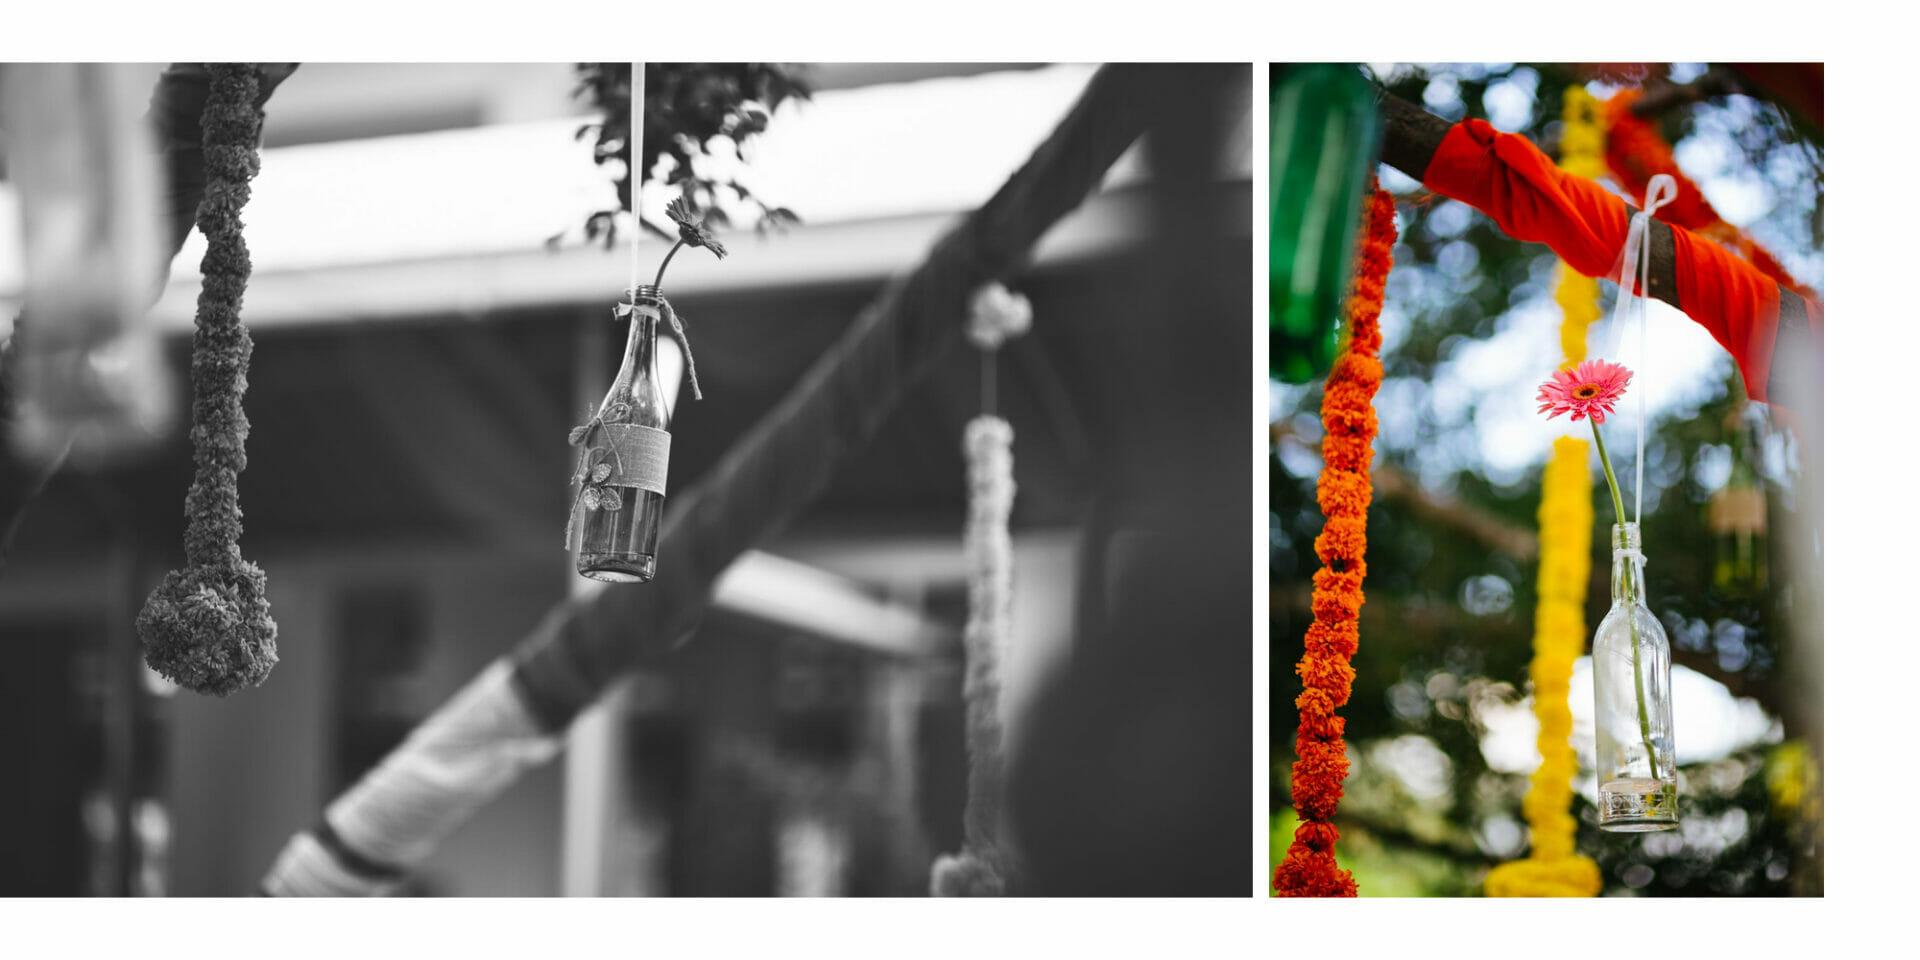 shruti annayya sree vikash photography mehandi sangeeth kalathur gardens 3